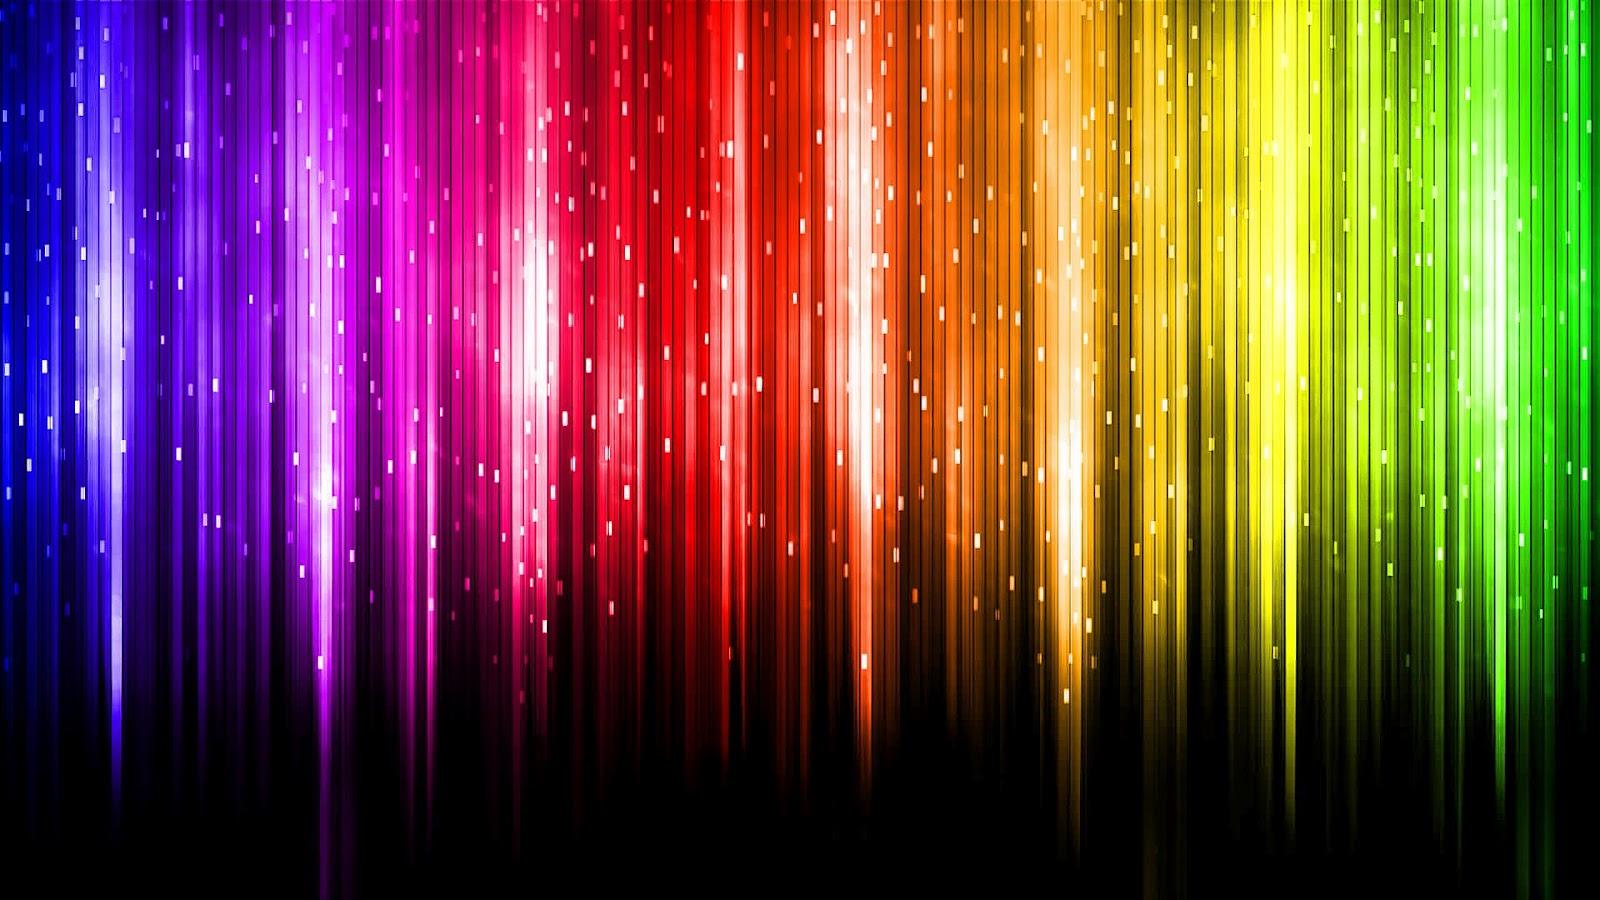 gratis abstracte kleuren wallpapers-#4